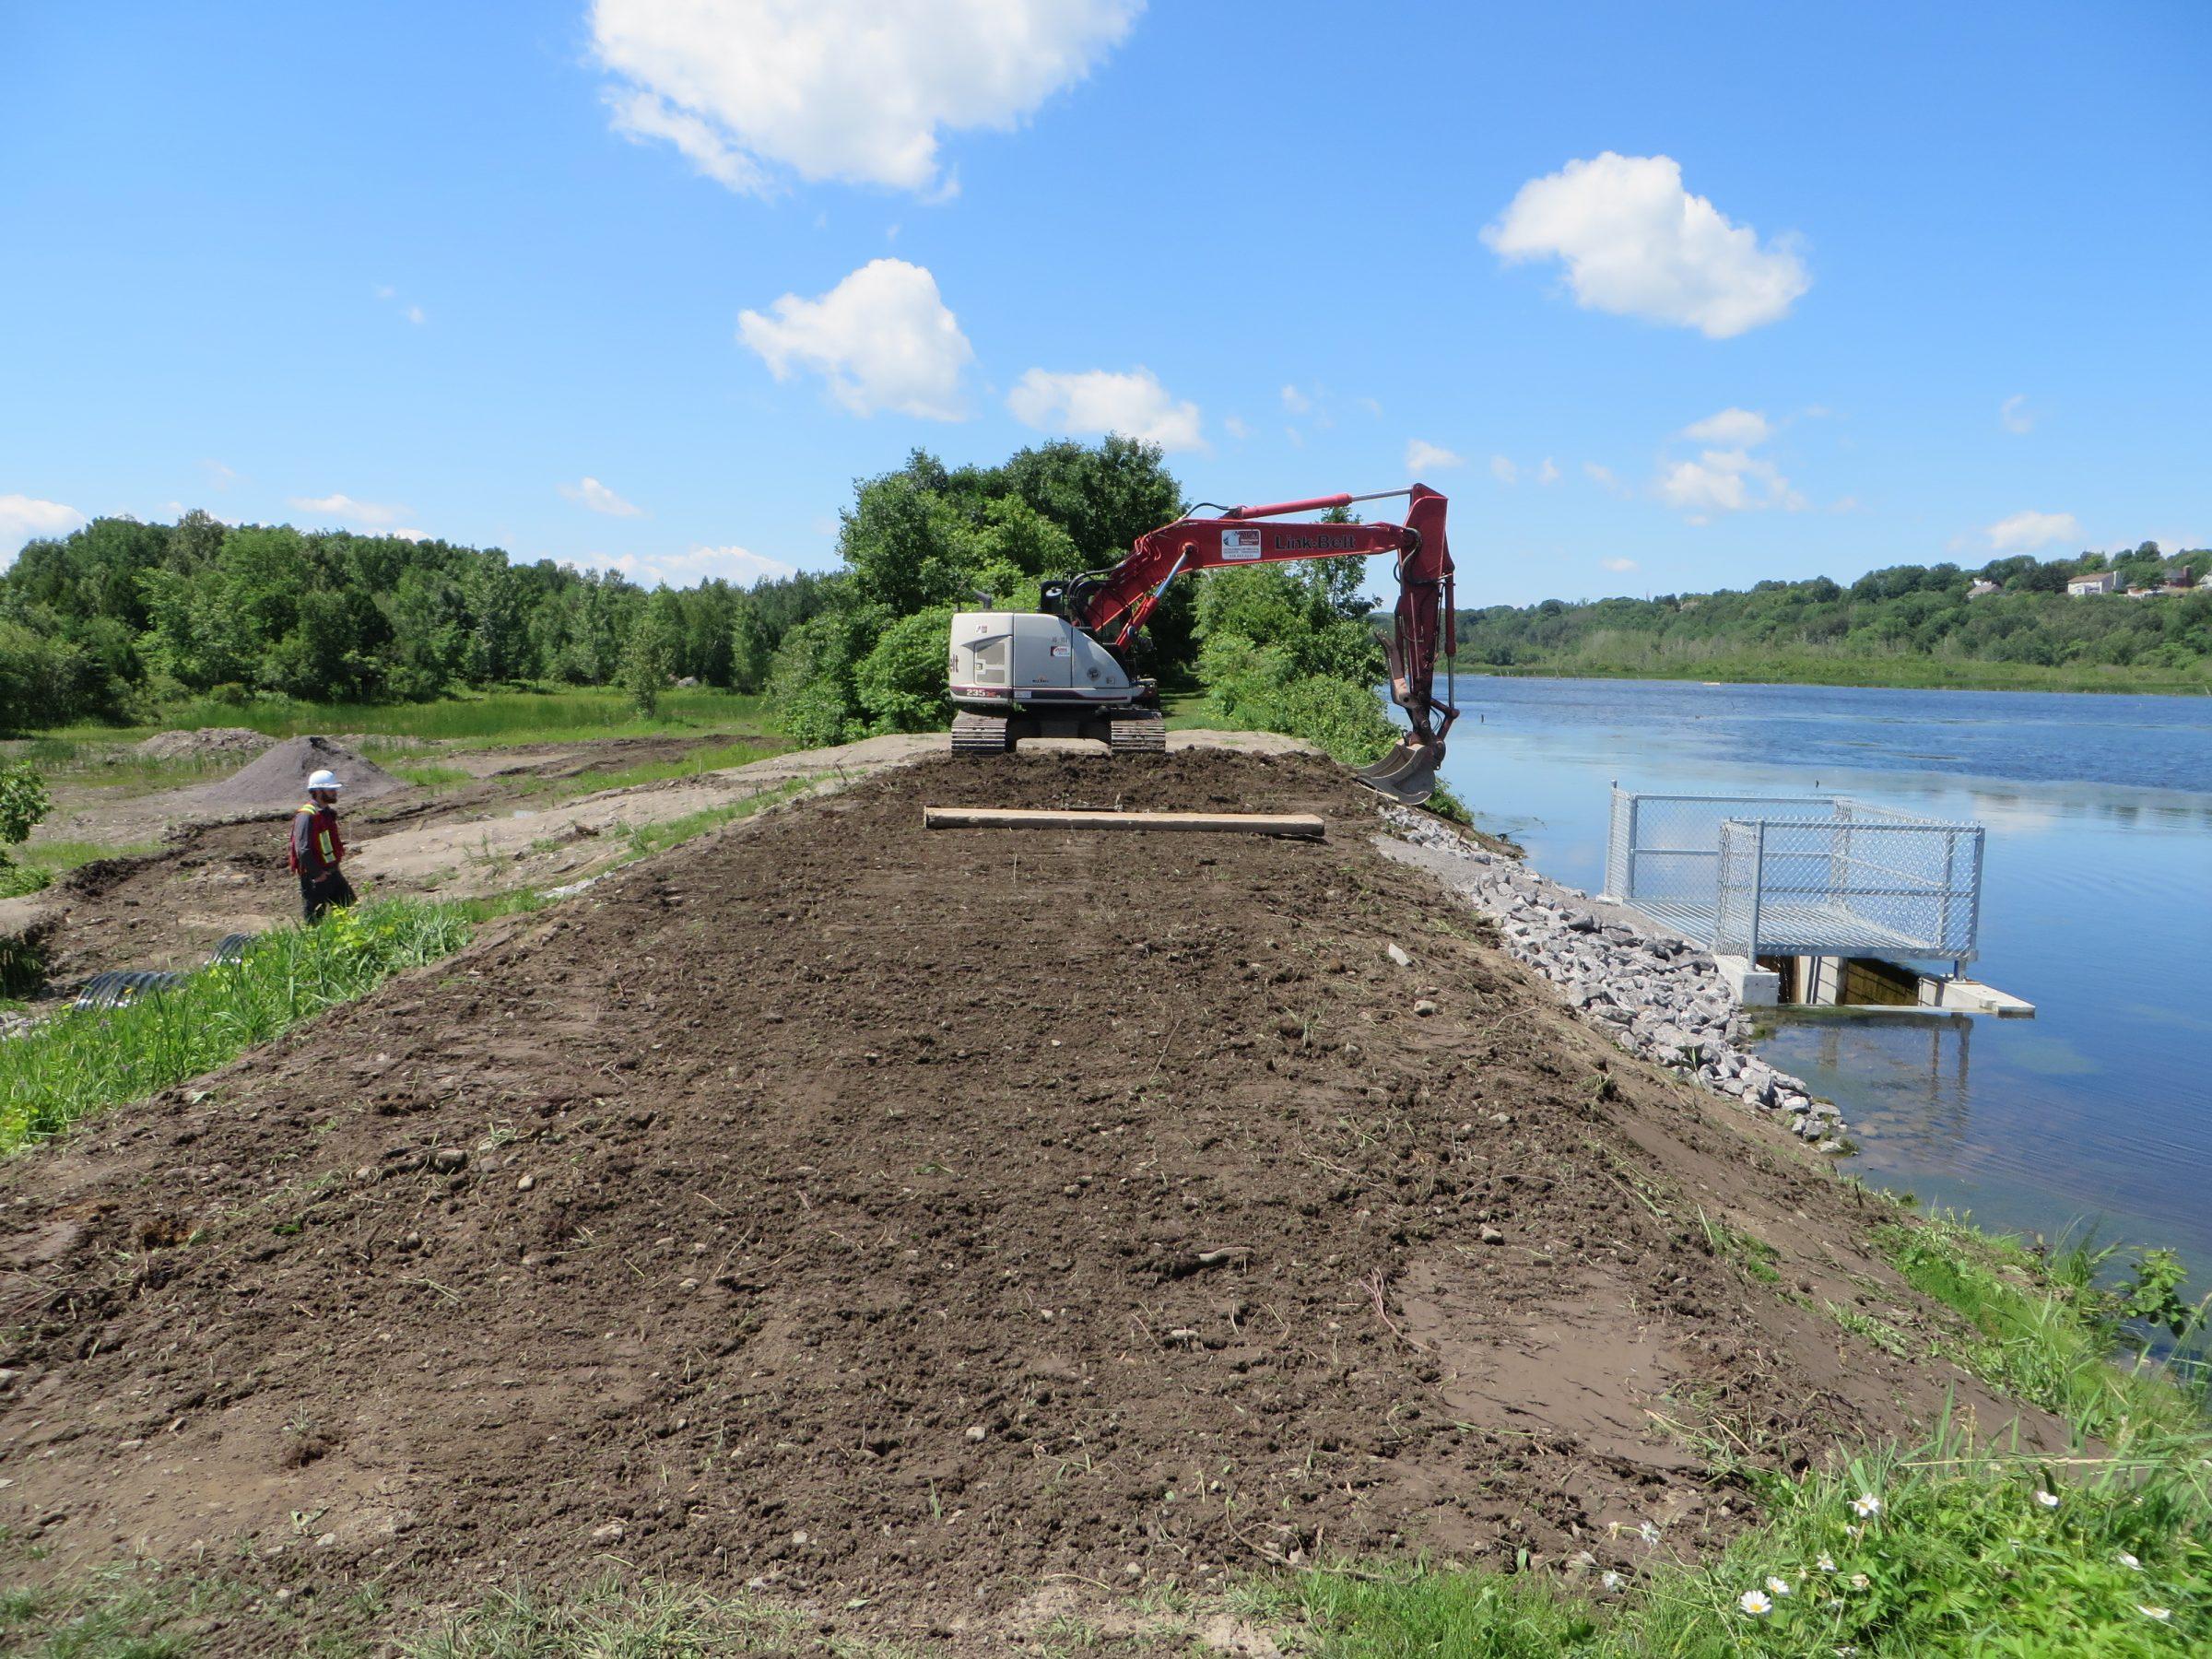 Derniers ajustements à la digue suite au remplacement du barrage à l'exutoire du marais Léon-Provancher. Juillet 2018. Photo : Réhaume Courtois.